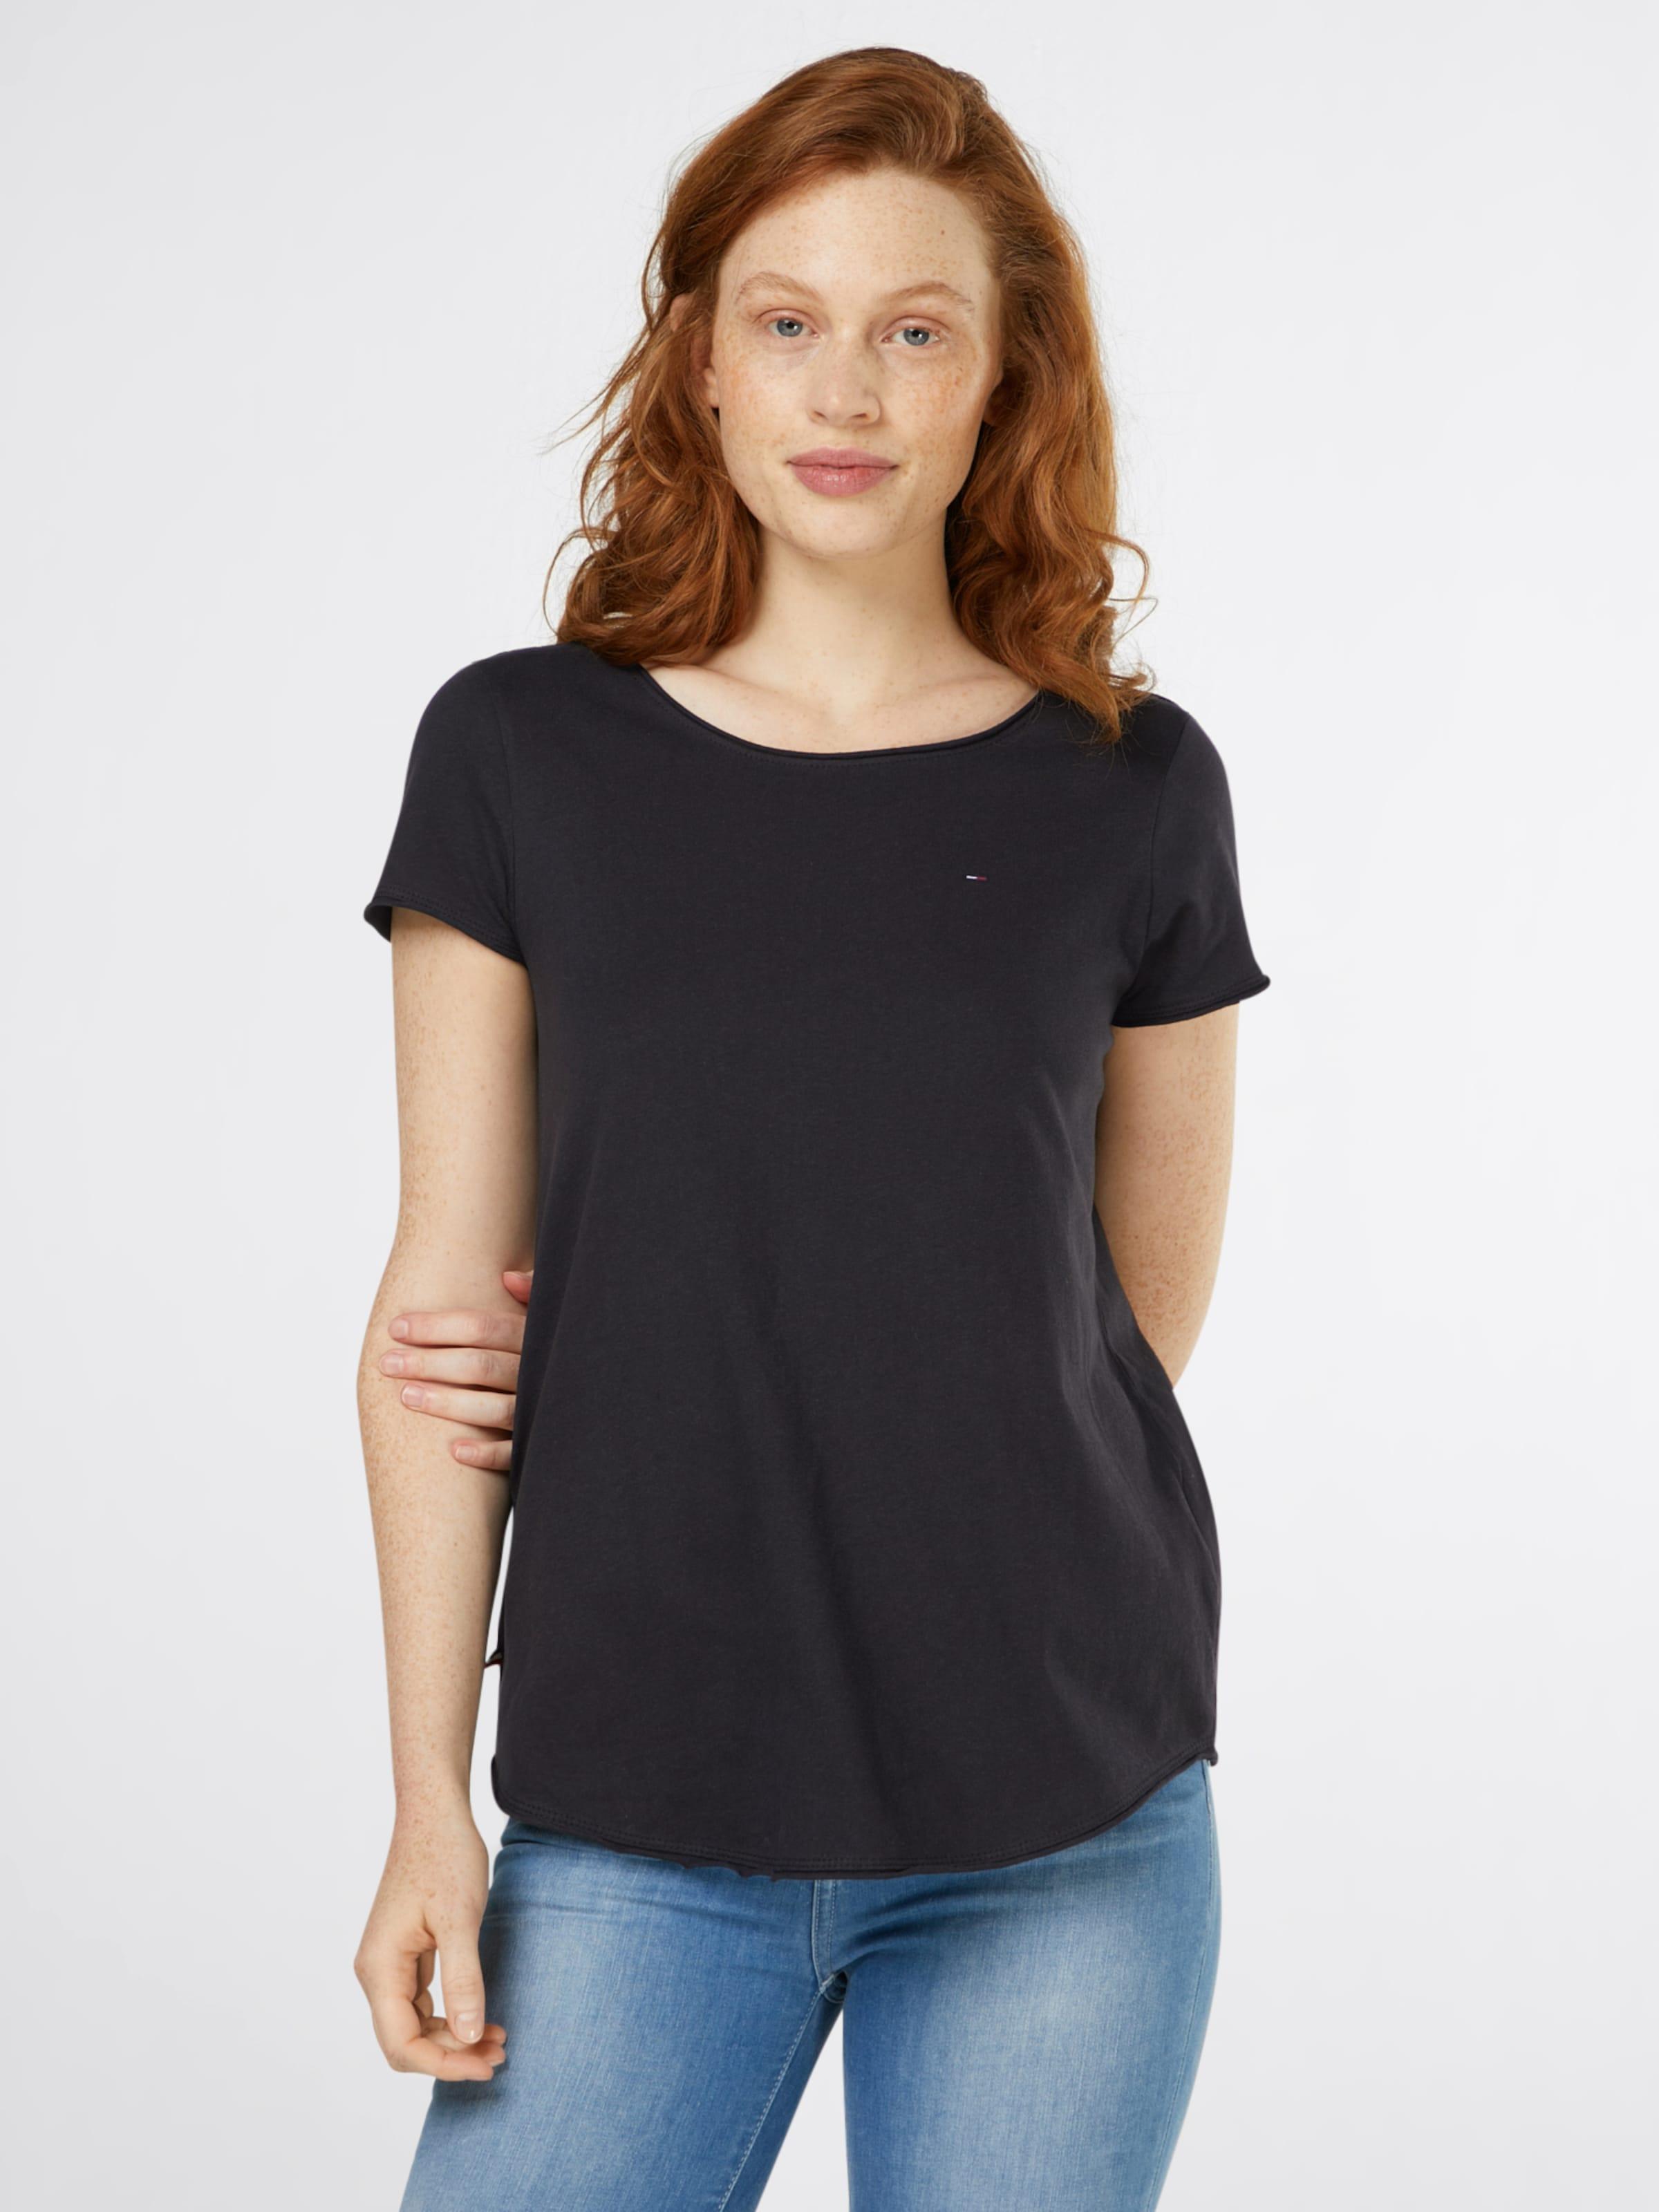 Tommy Jeans Jerseyshirt In Deutschland Billig Real Für Verkauf Footaction Zum Verkauf 9HfxQHyz